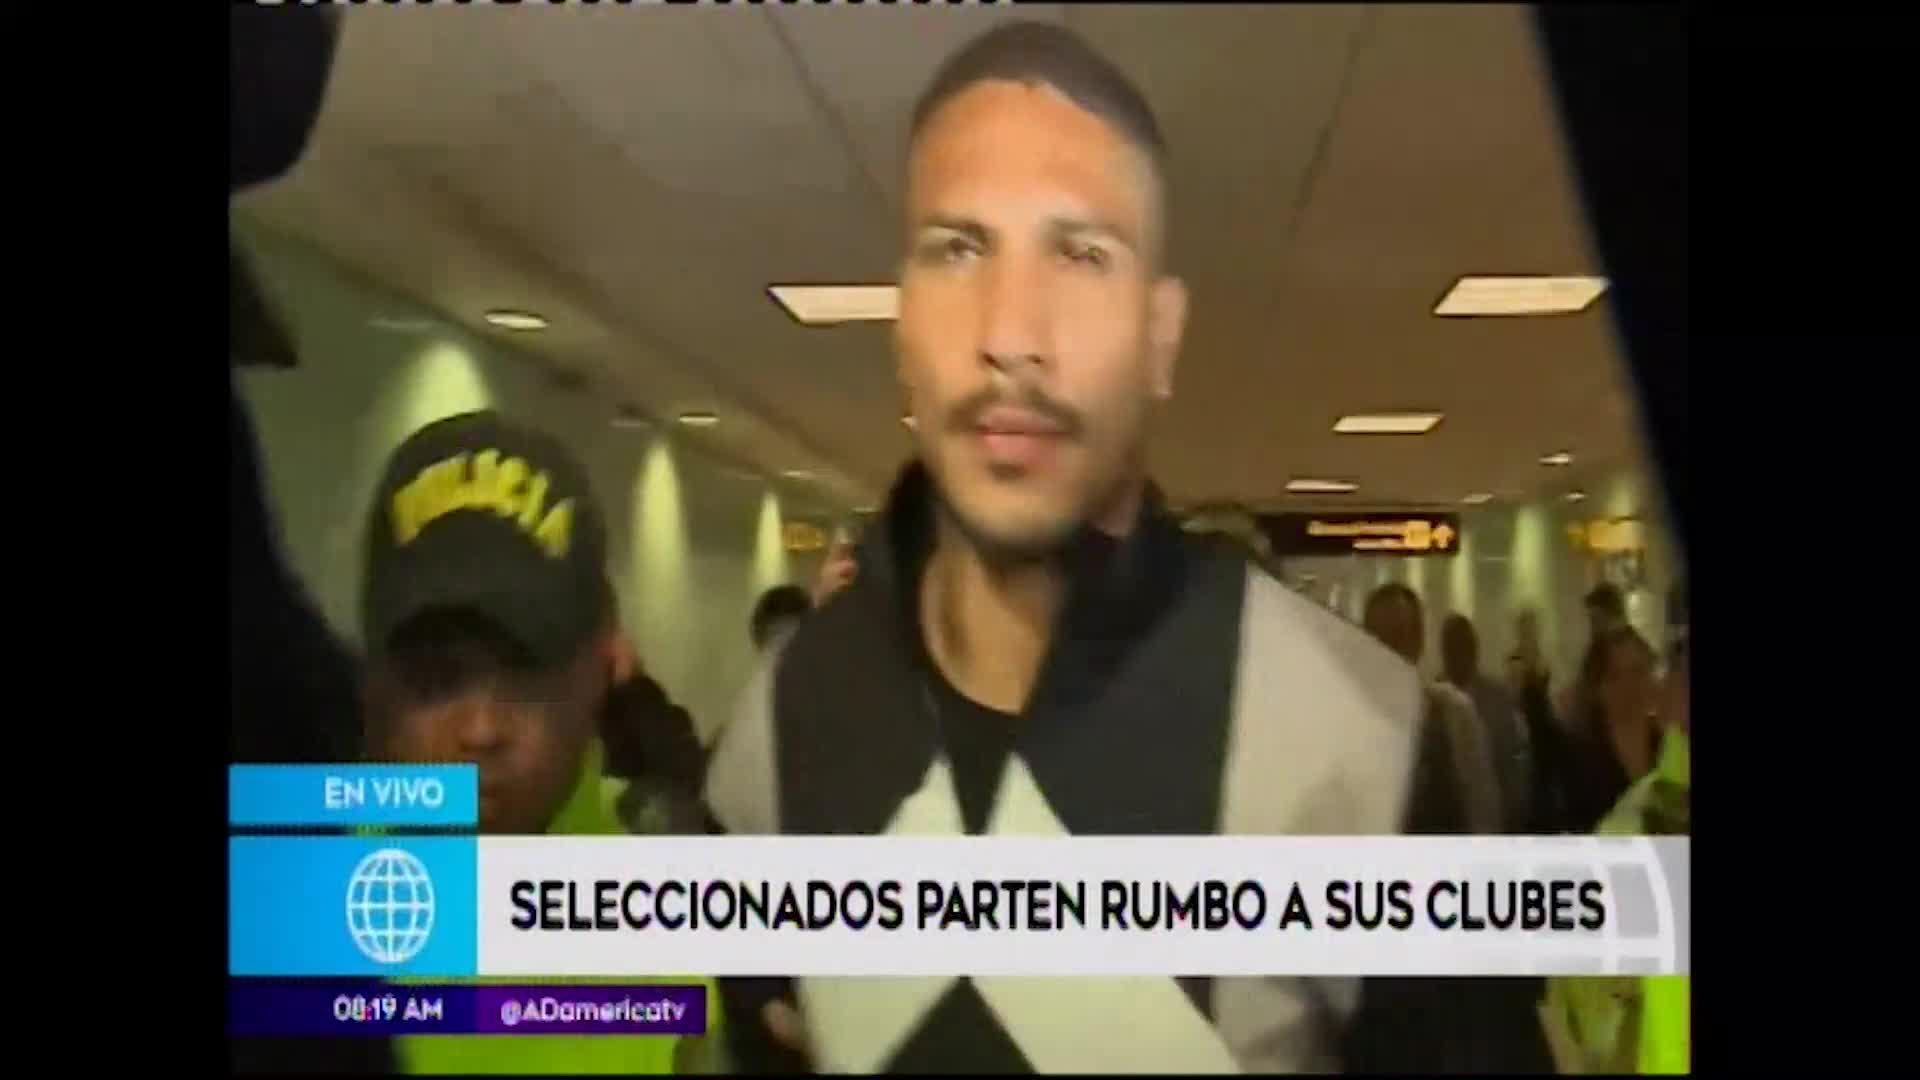 Paolo Guerrero, Luis Abram y Carlos Zambrano partieron a sus clubes